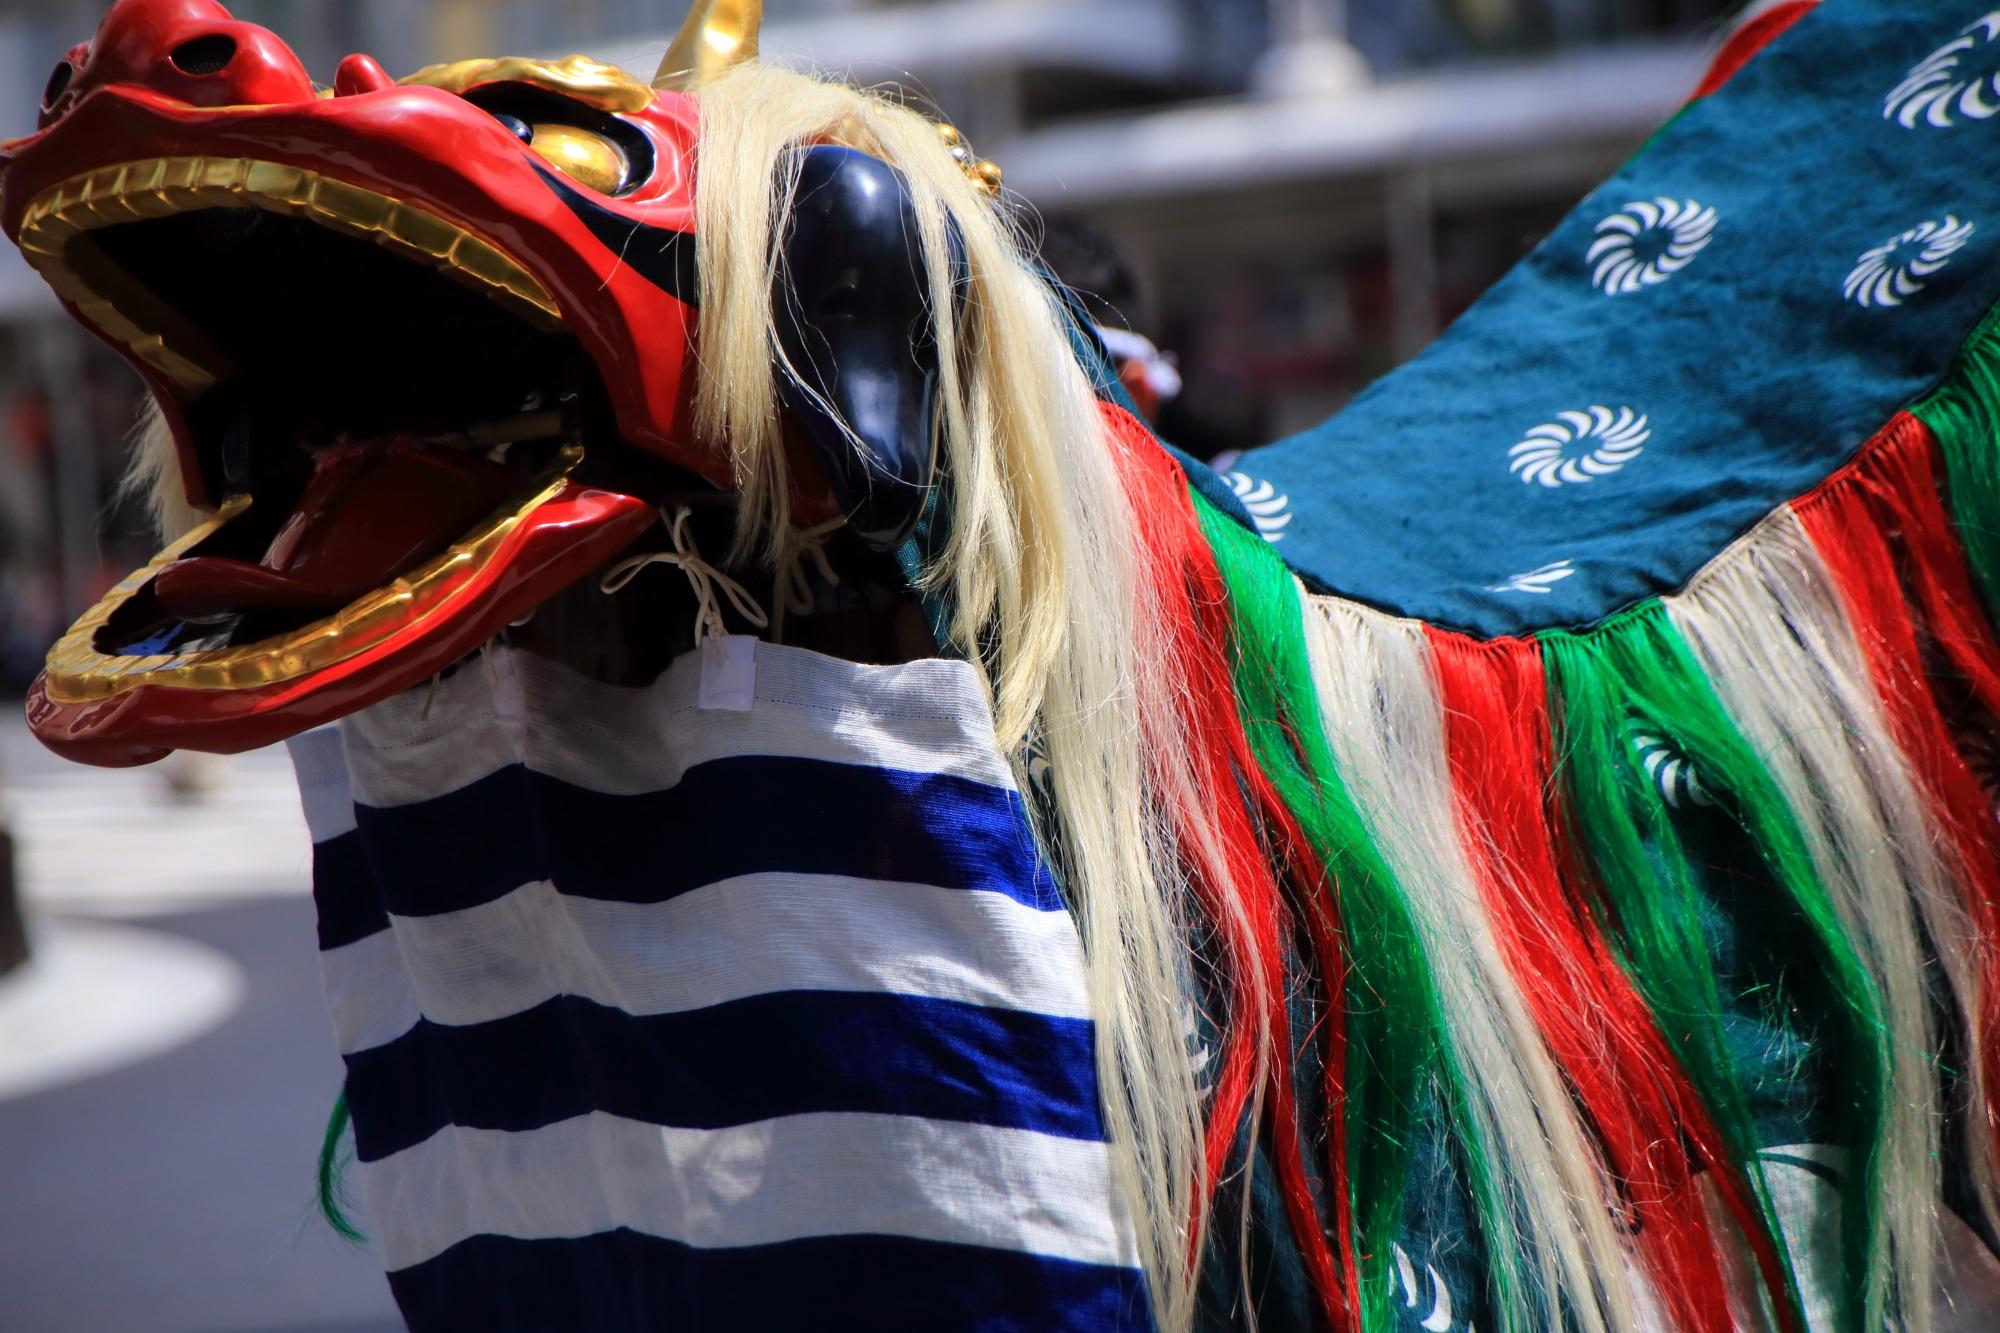 祇園祭の花傘巡行の祇園太鼓の獅子舞